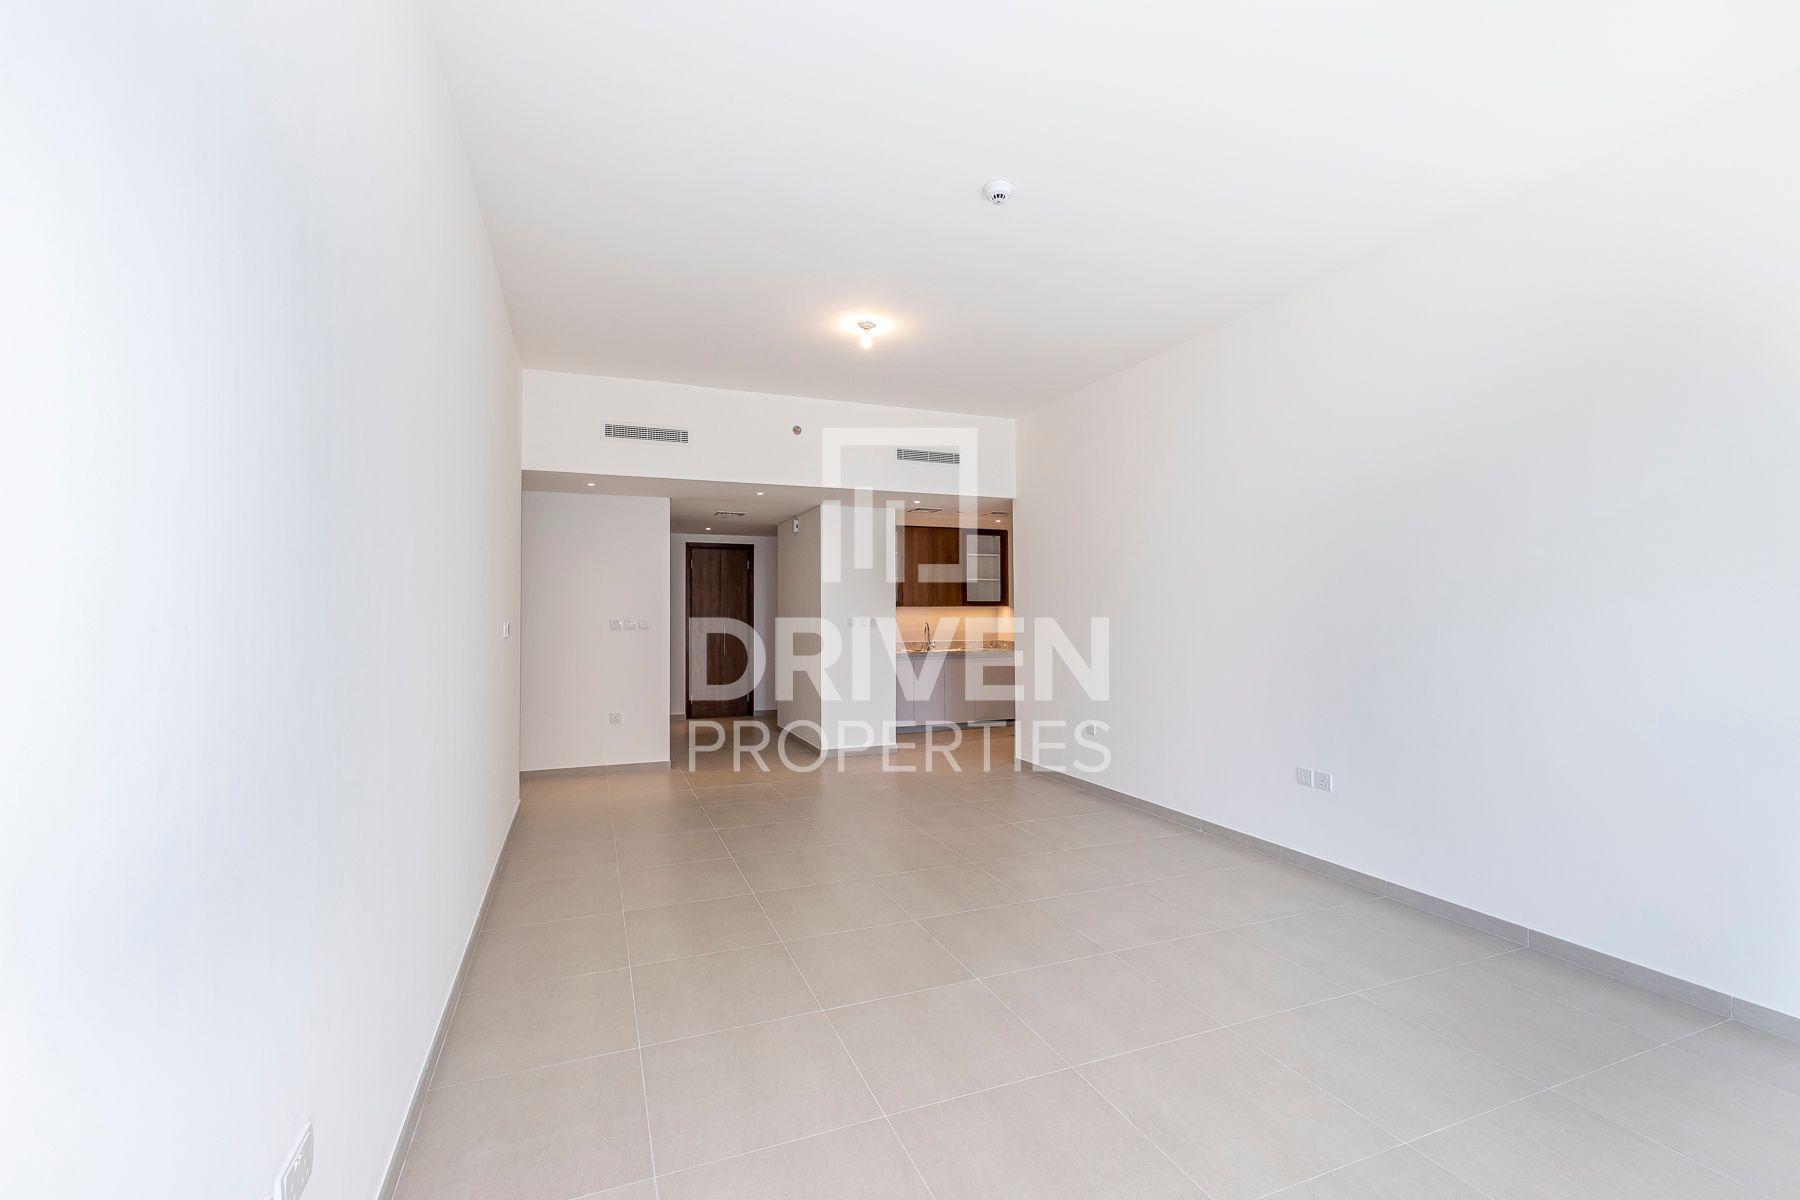 1,370 قدم مربع  شقة - للبيع - دبي وسط المدينة